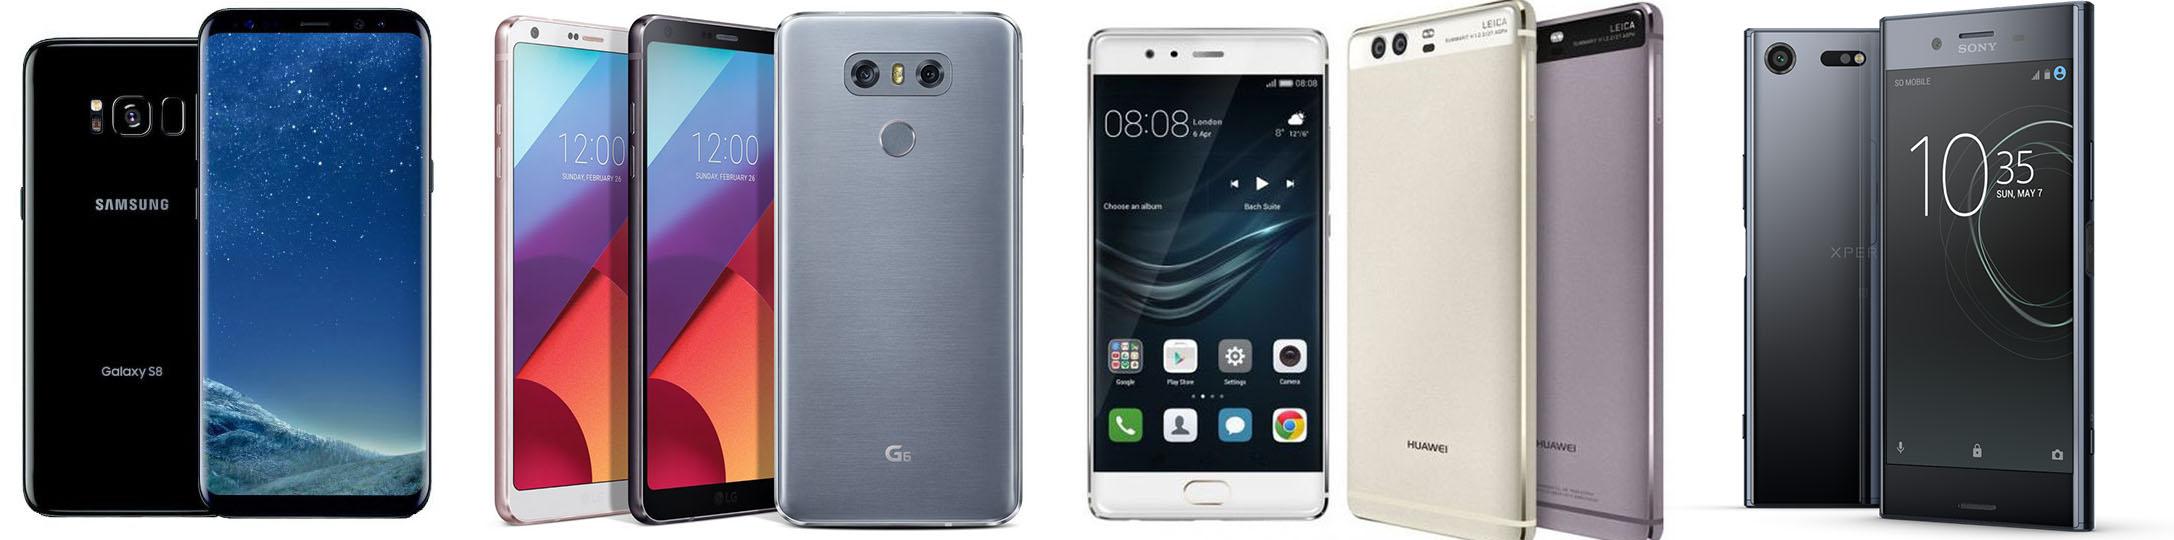 Samsung Galaxy S8 vs LG G6 vs Huawei P10 vs Sony Xperia XZ Premium : quel flagship 2017 choisir ?